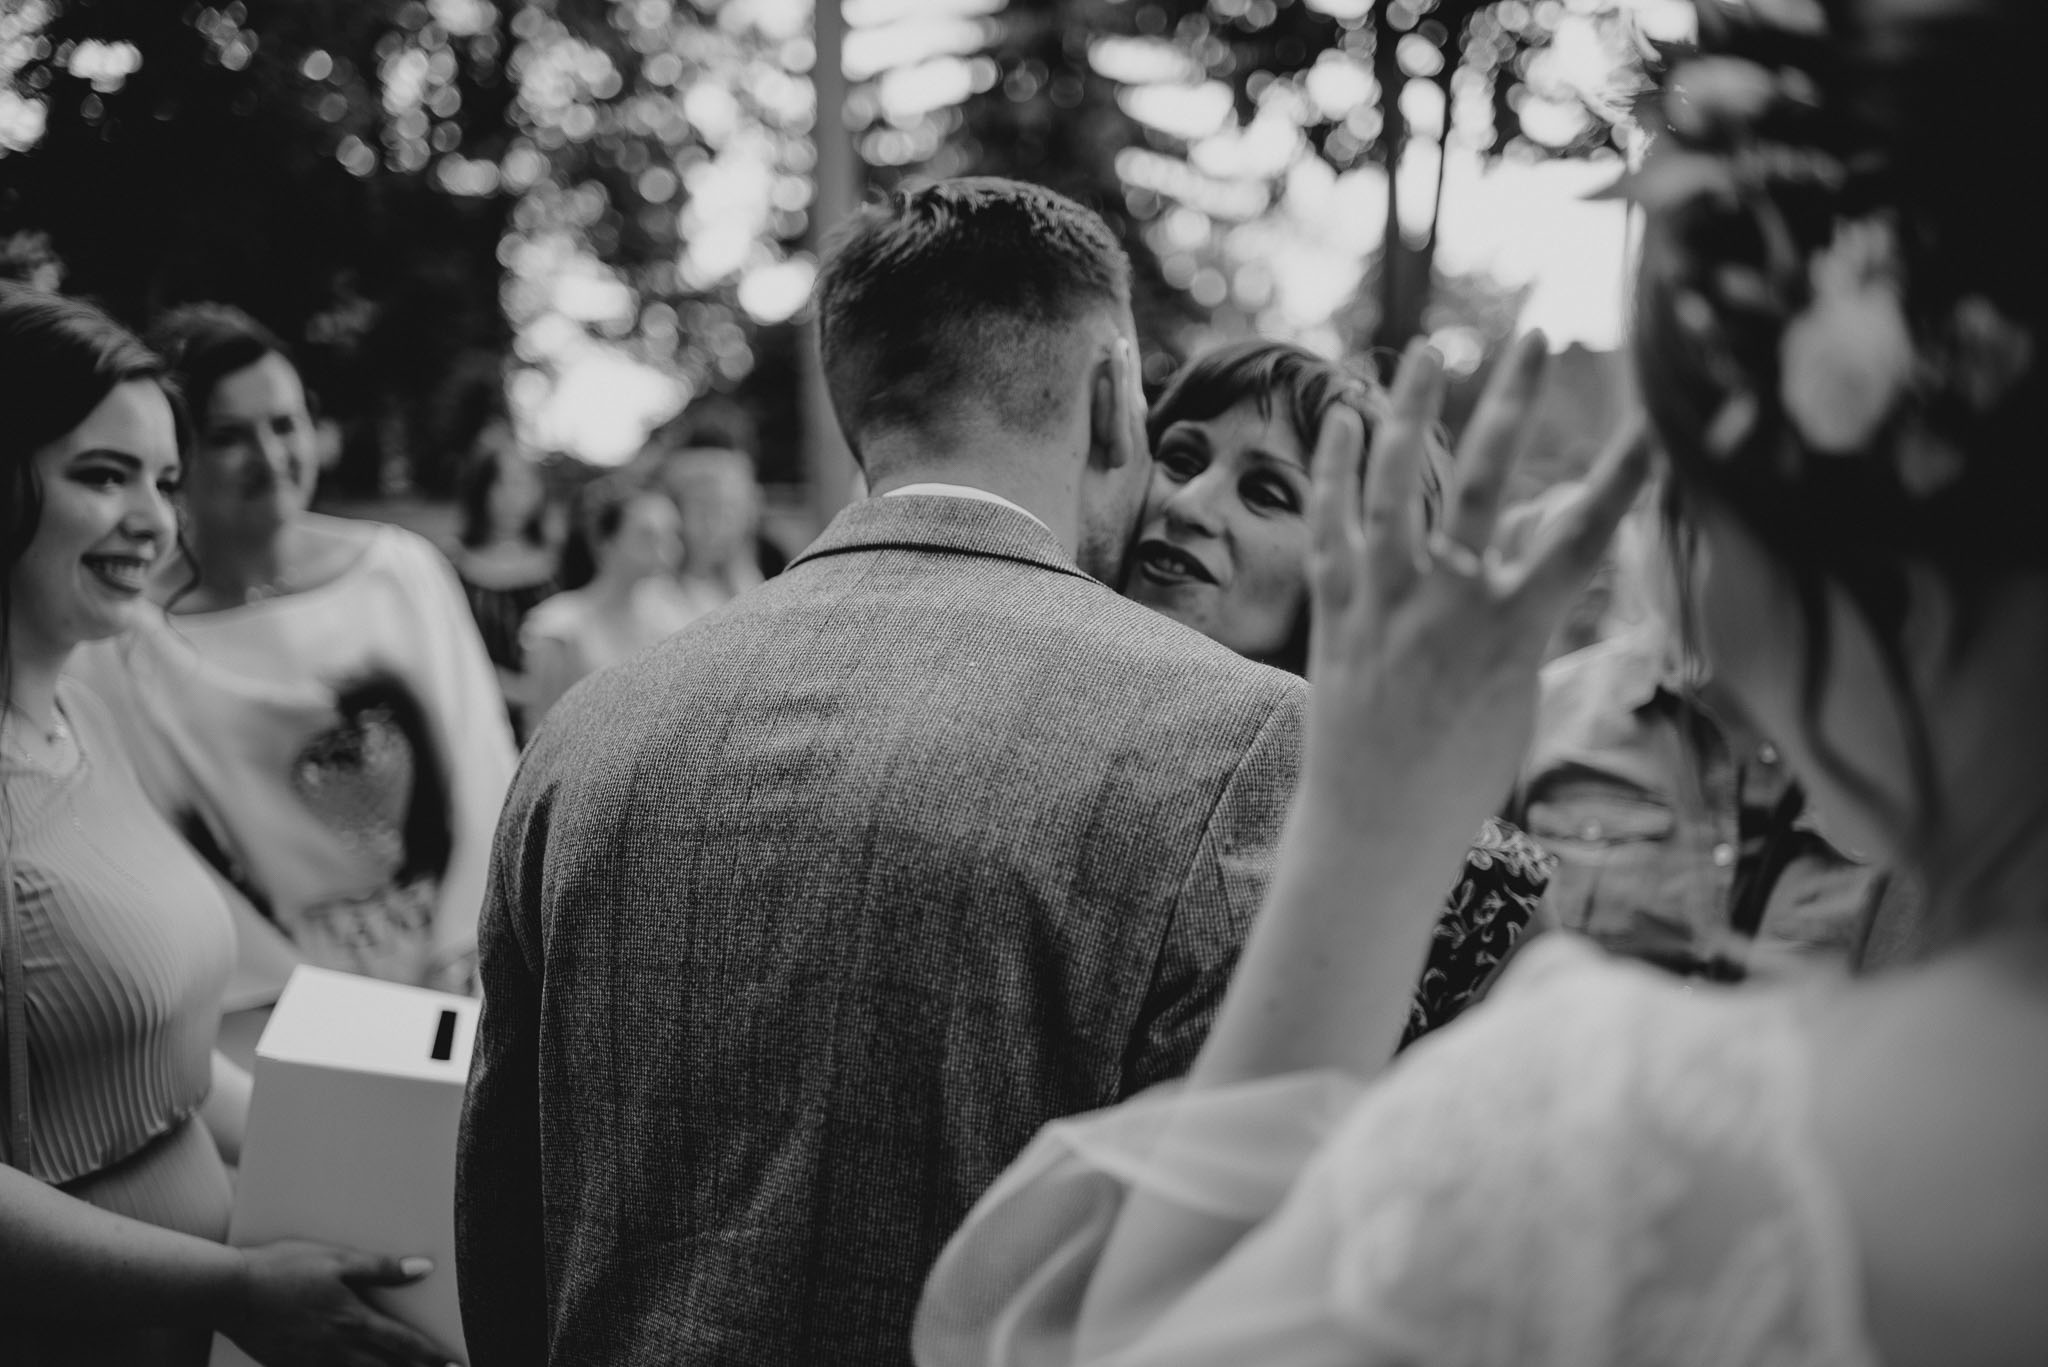 Goście składają życzenia nowożeńcom - ślub w stodole w Dyrkowie